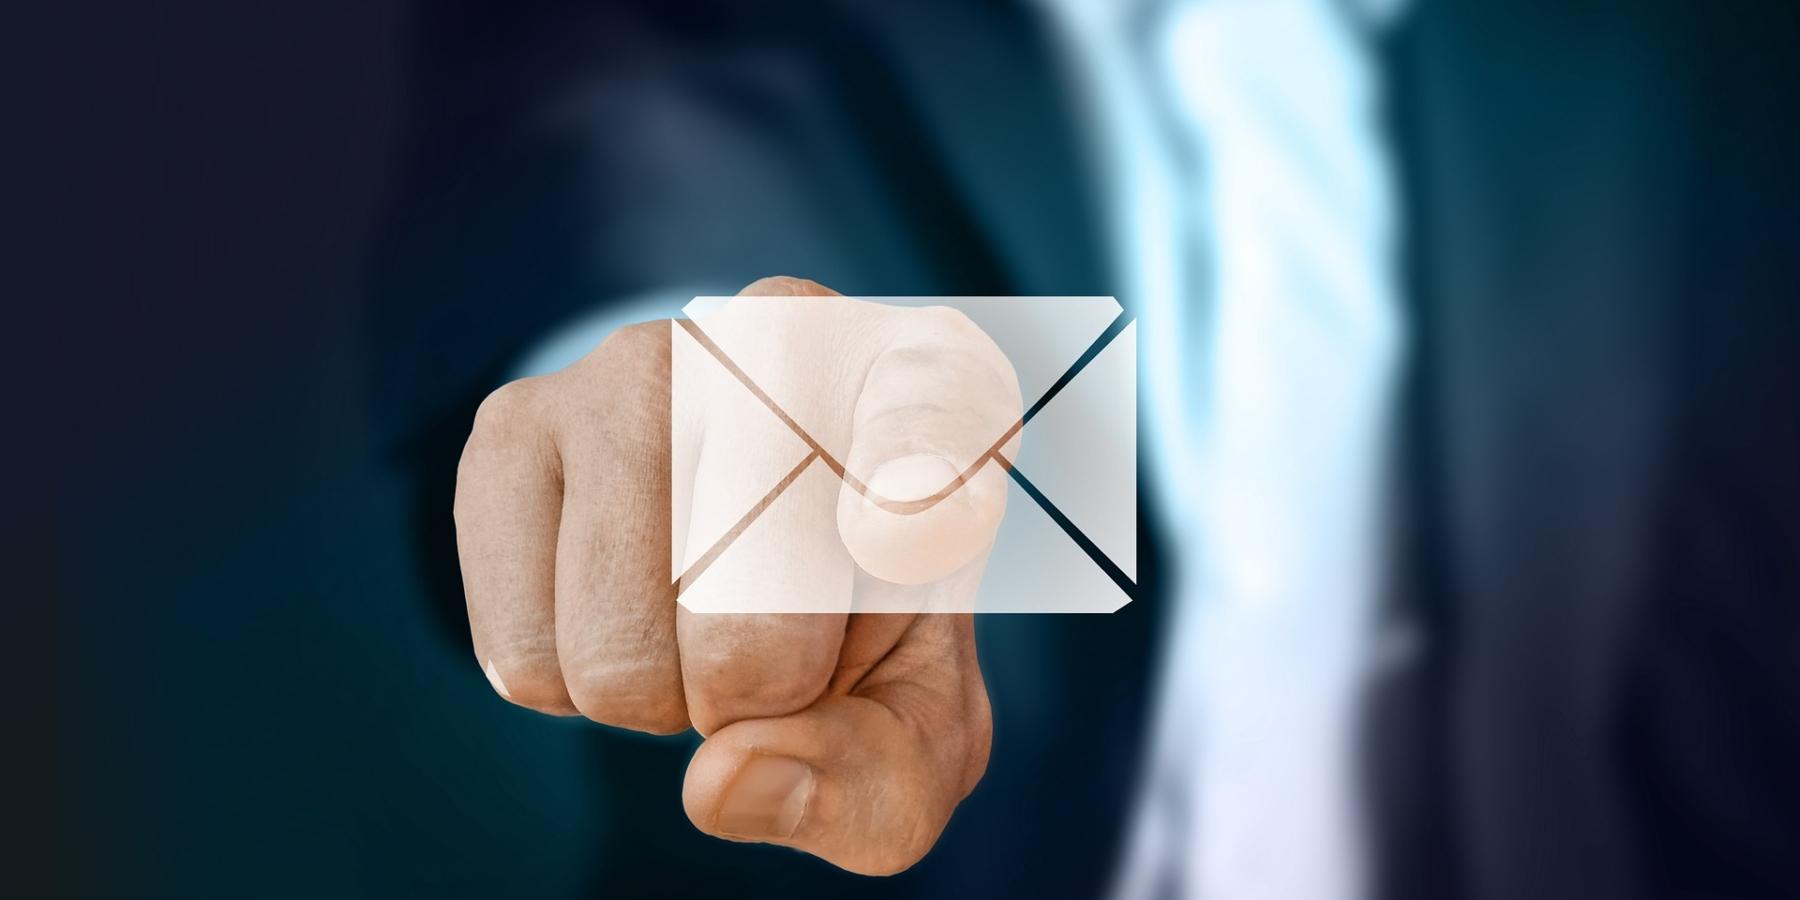 """6 miliardów maili wciągu roku iminimum godzina spędzona """"na skrzynce"""". Jak polscy pracownicy korzystają zpoczty elektronicznej? [RAPORT]"""